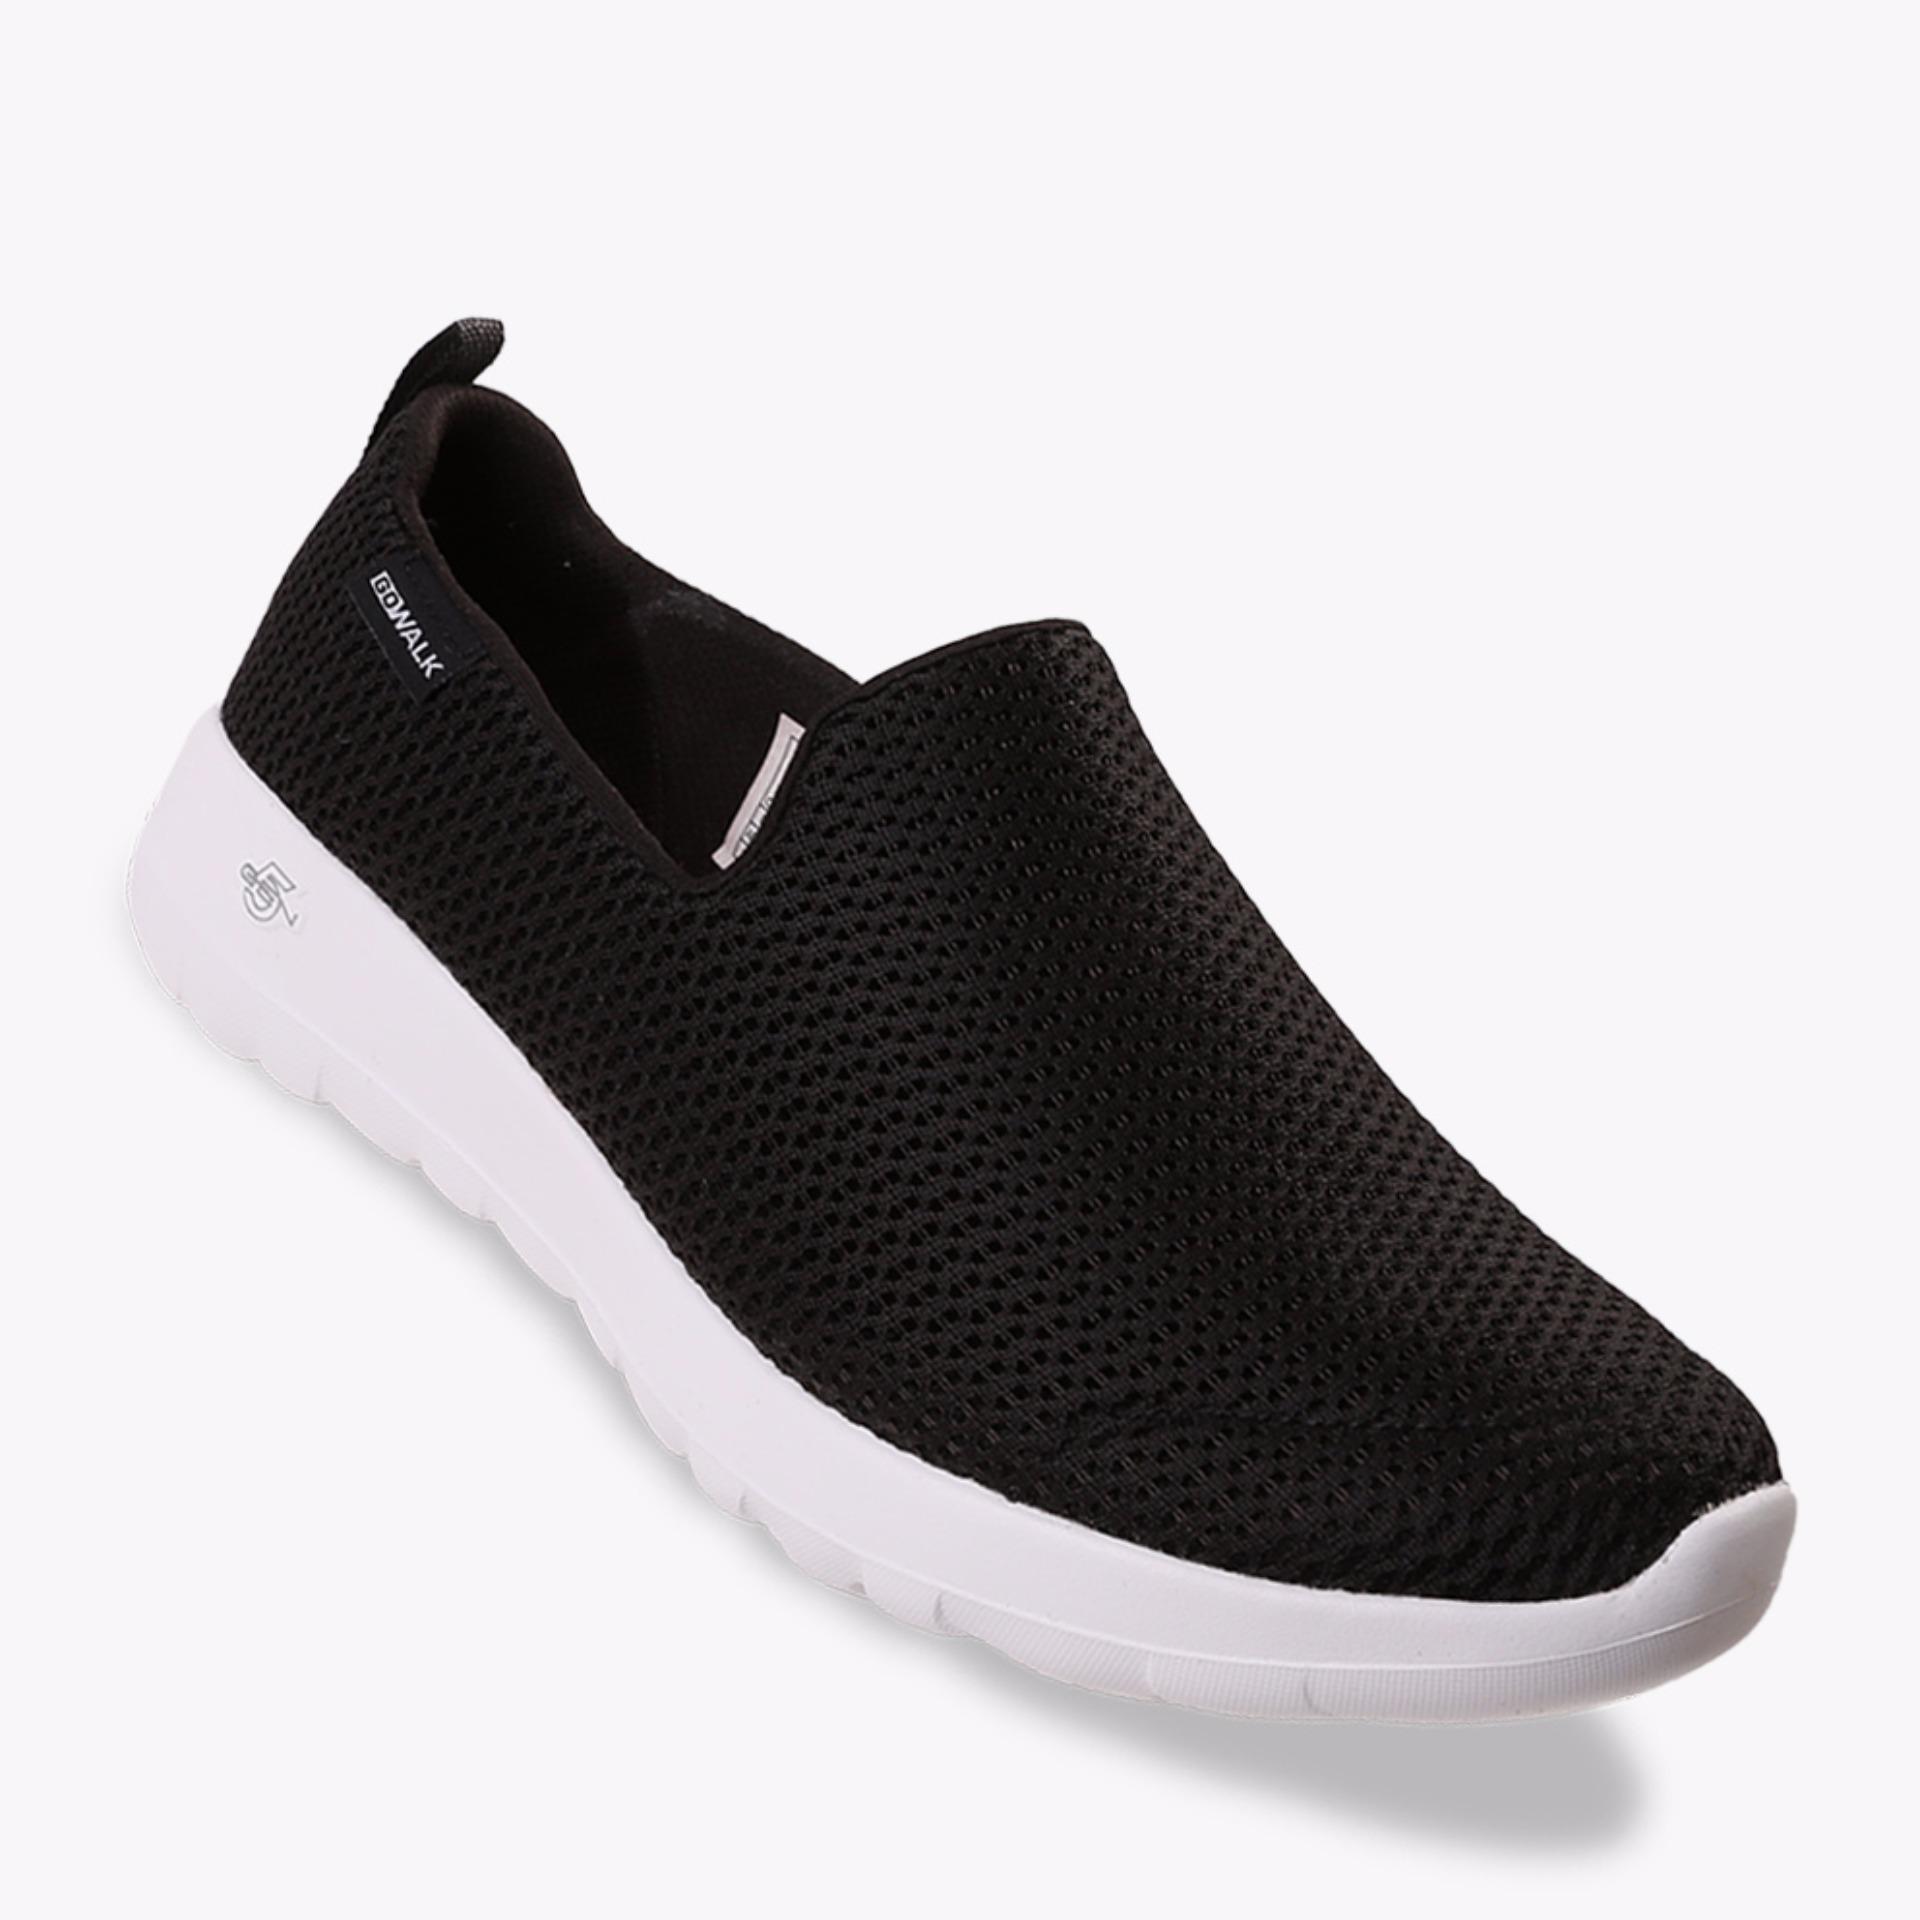 Skechers Gowalk Joy Women's Sneakers Shoes - Hitam